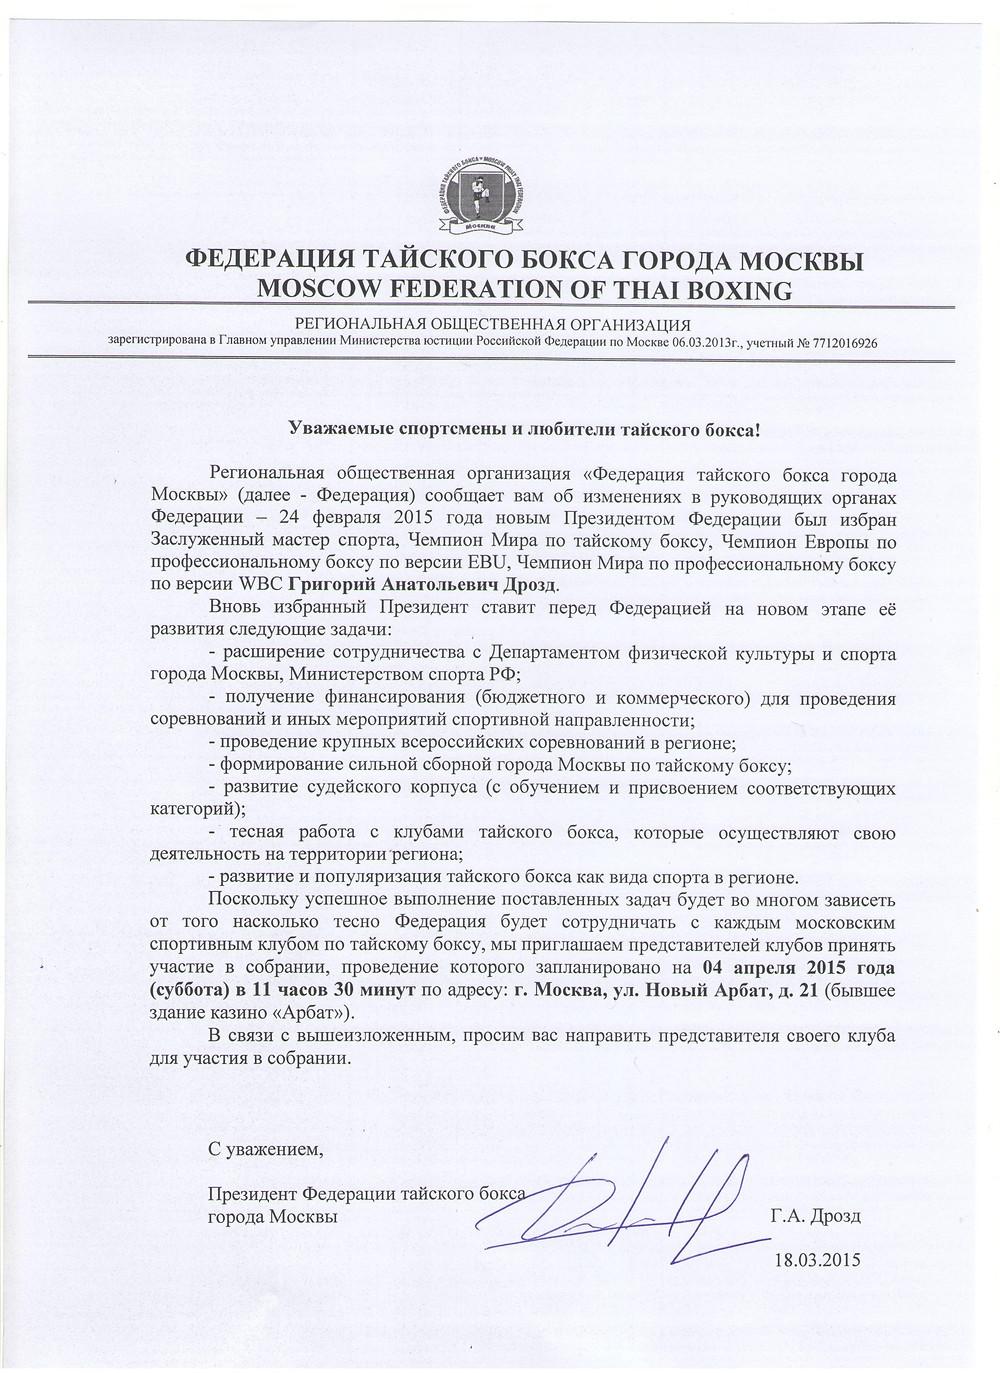 Письмо-приглашение.JPG